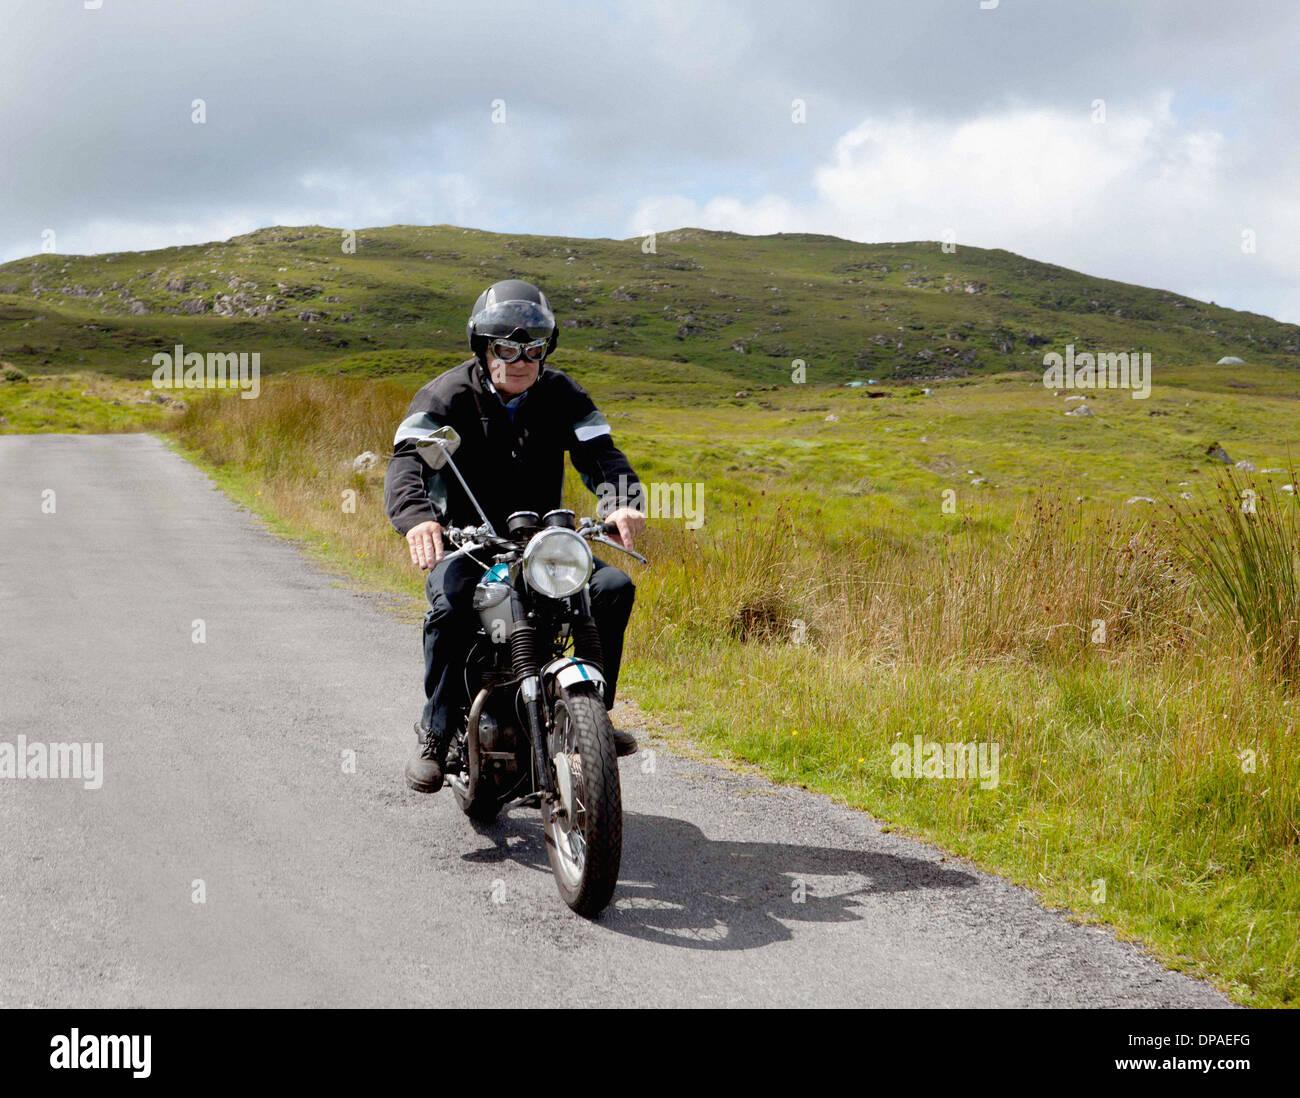 Ältere männliche Motorradfahrer Reiten auf Landstraße Stockbild